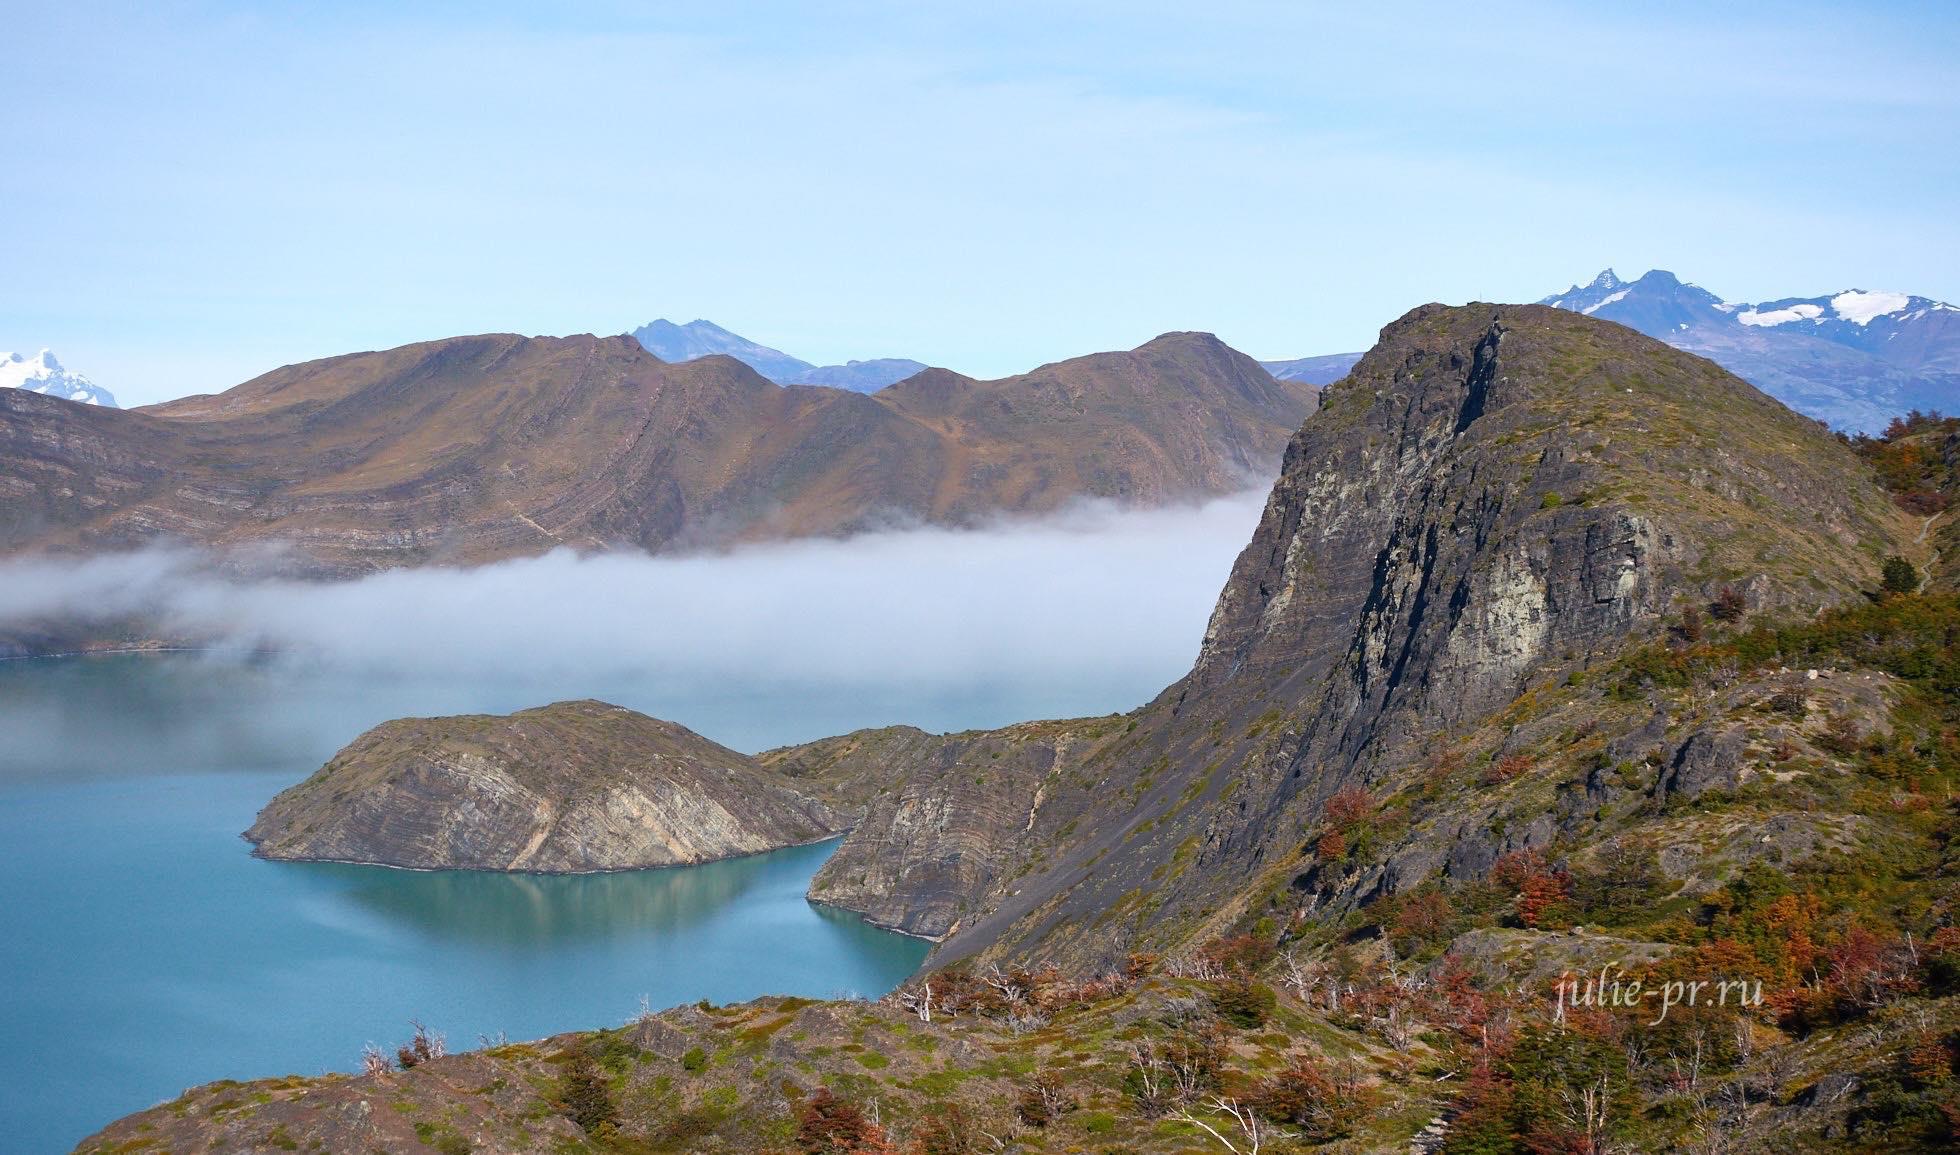 Чили, Патагония, Торрес-дель-Пайне, Lago Nordenskjöld